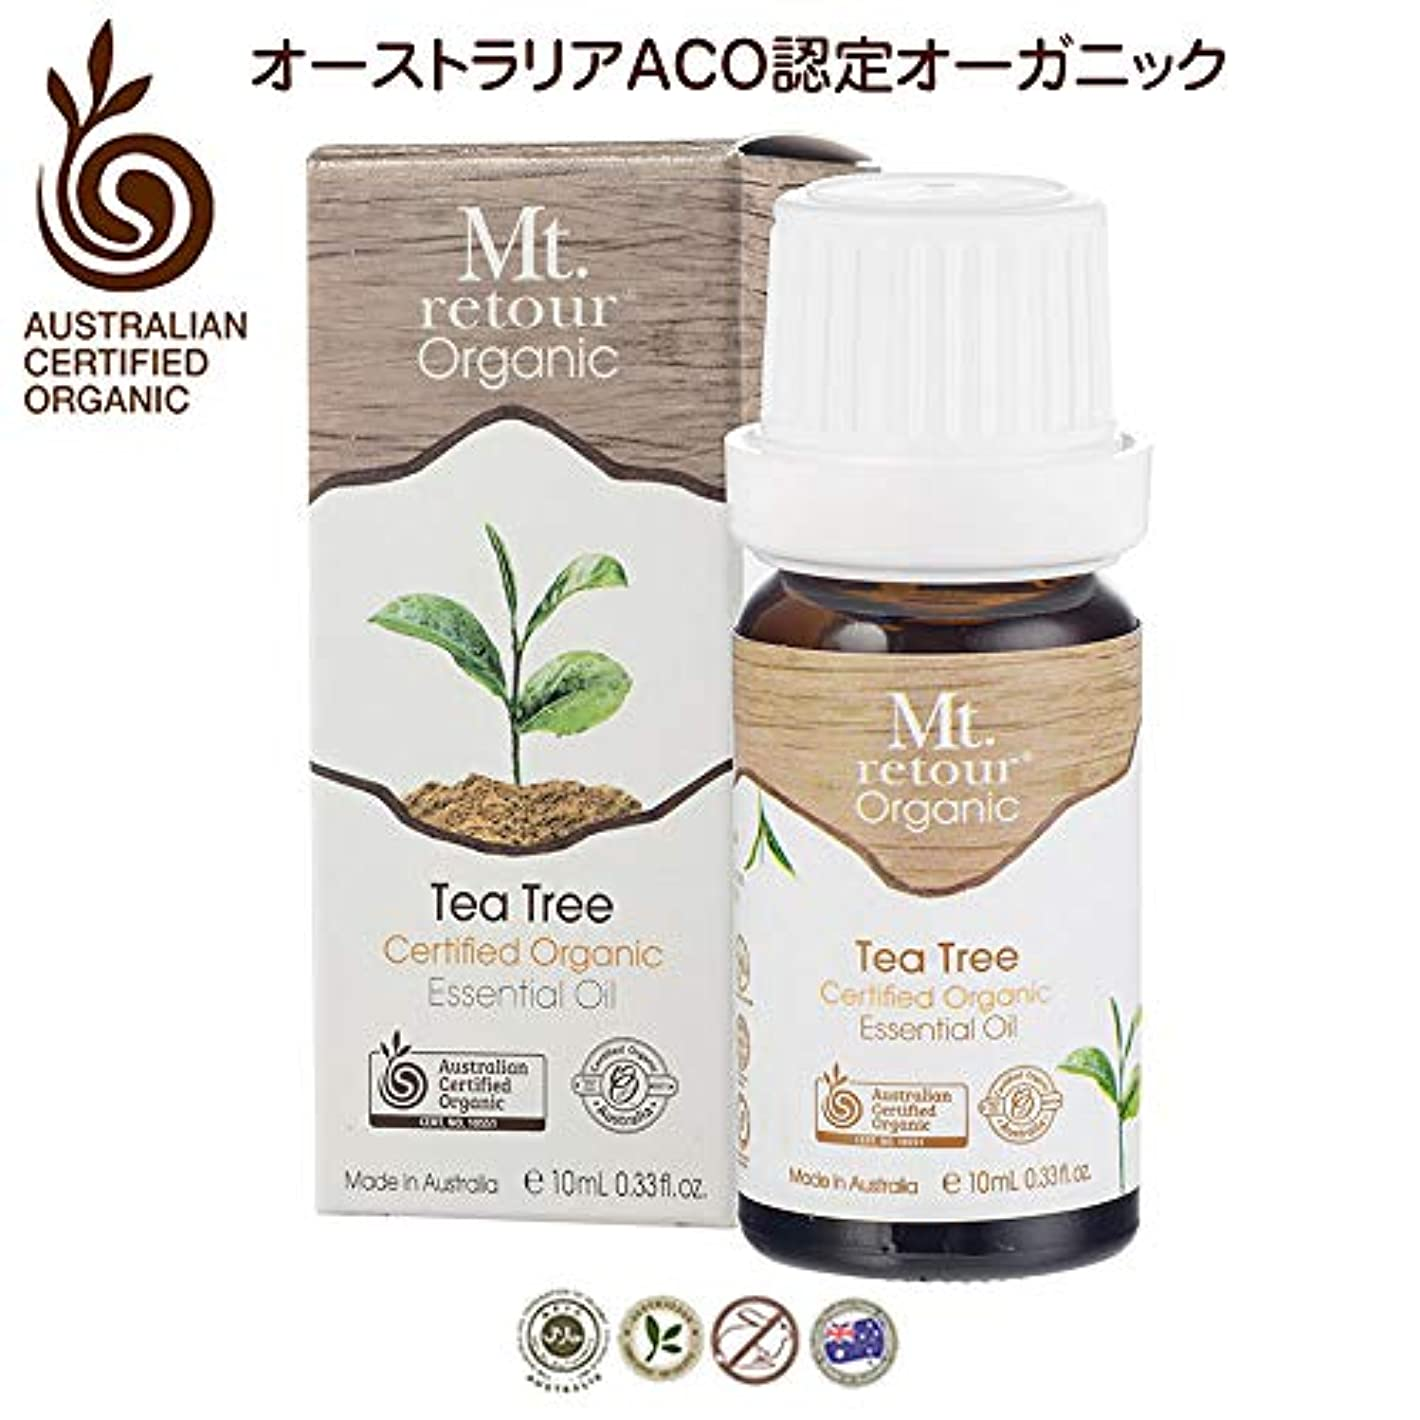 おじいちゃんヒープ霜Mt. retour ACO認定オーガニック ティーツリー 10ml エッセンシャルオイル(無農薬有機)アロマ